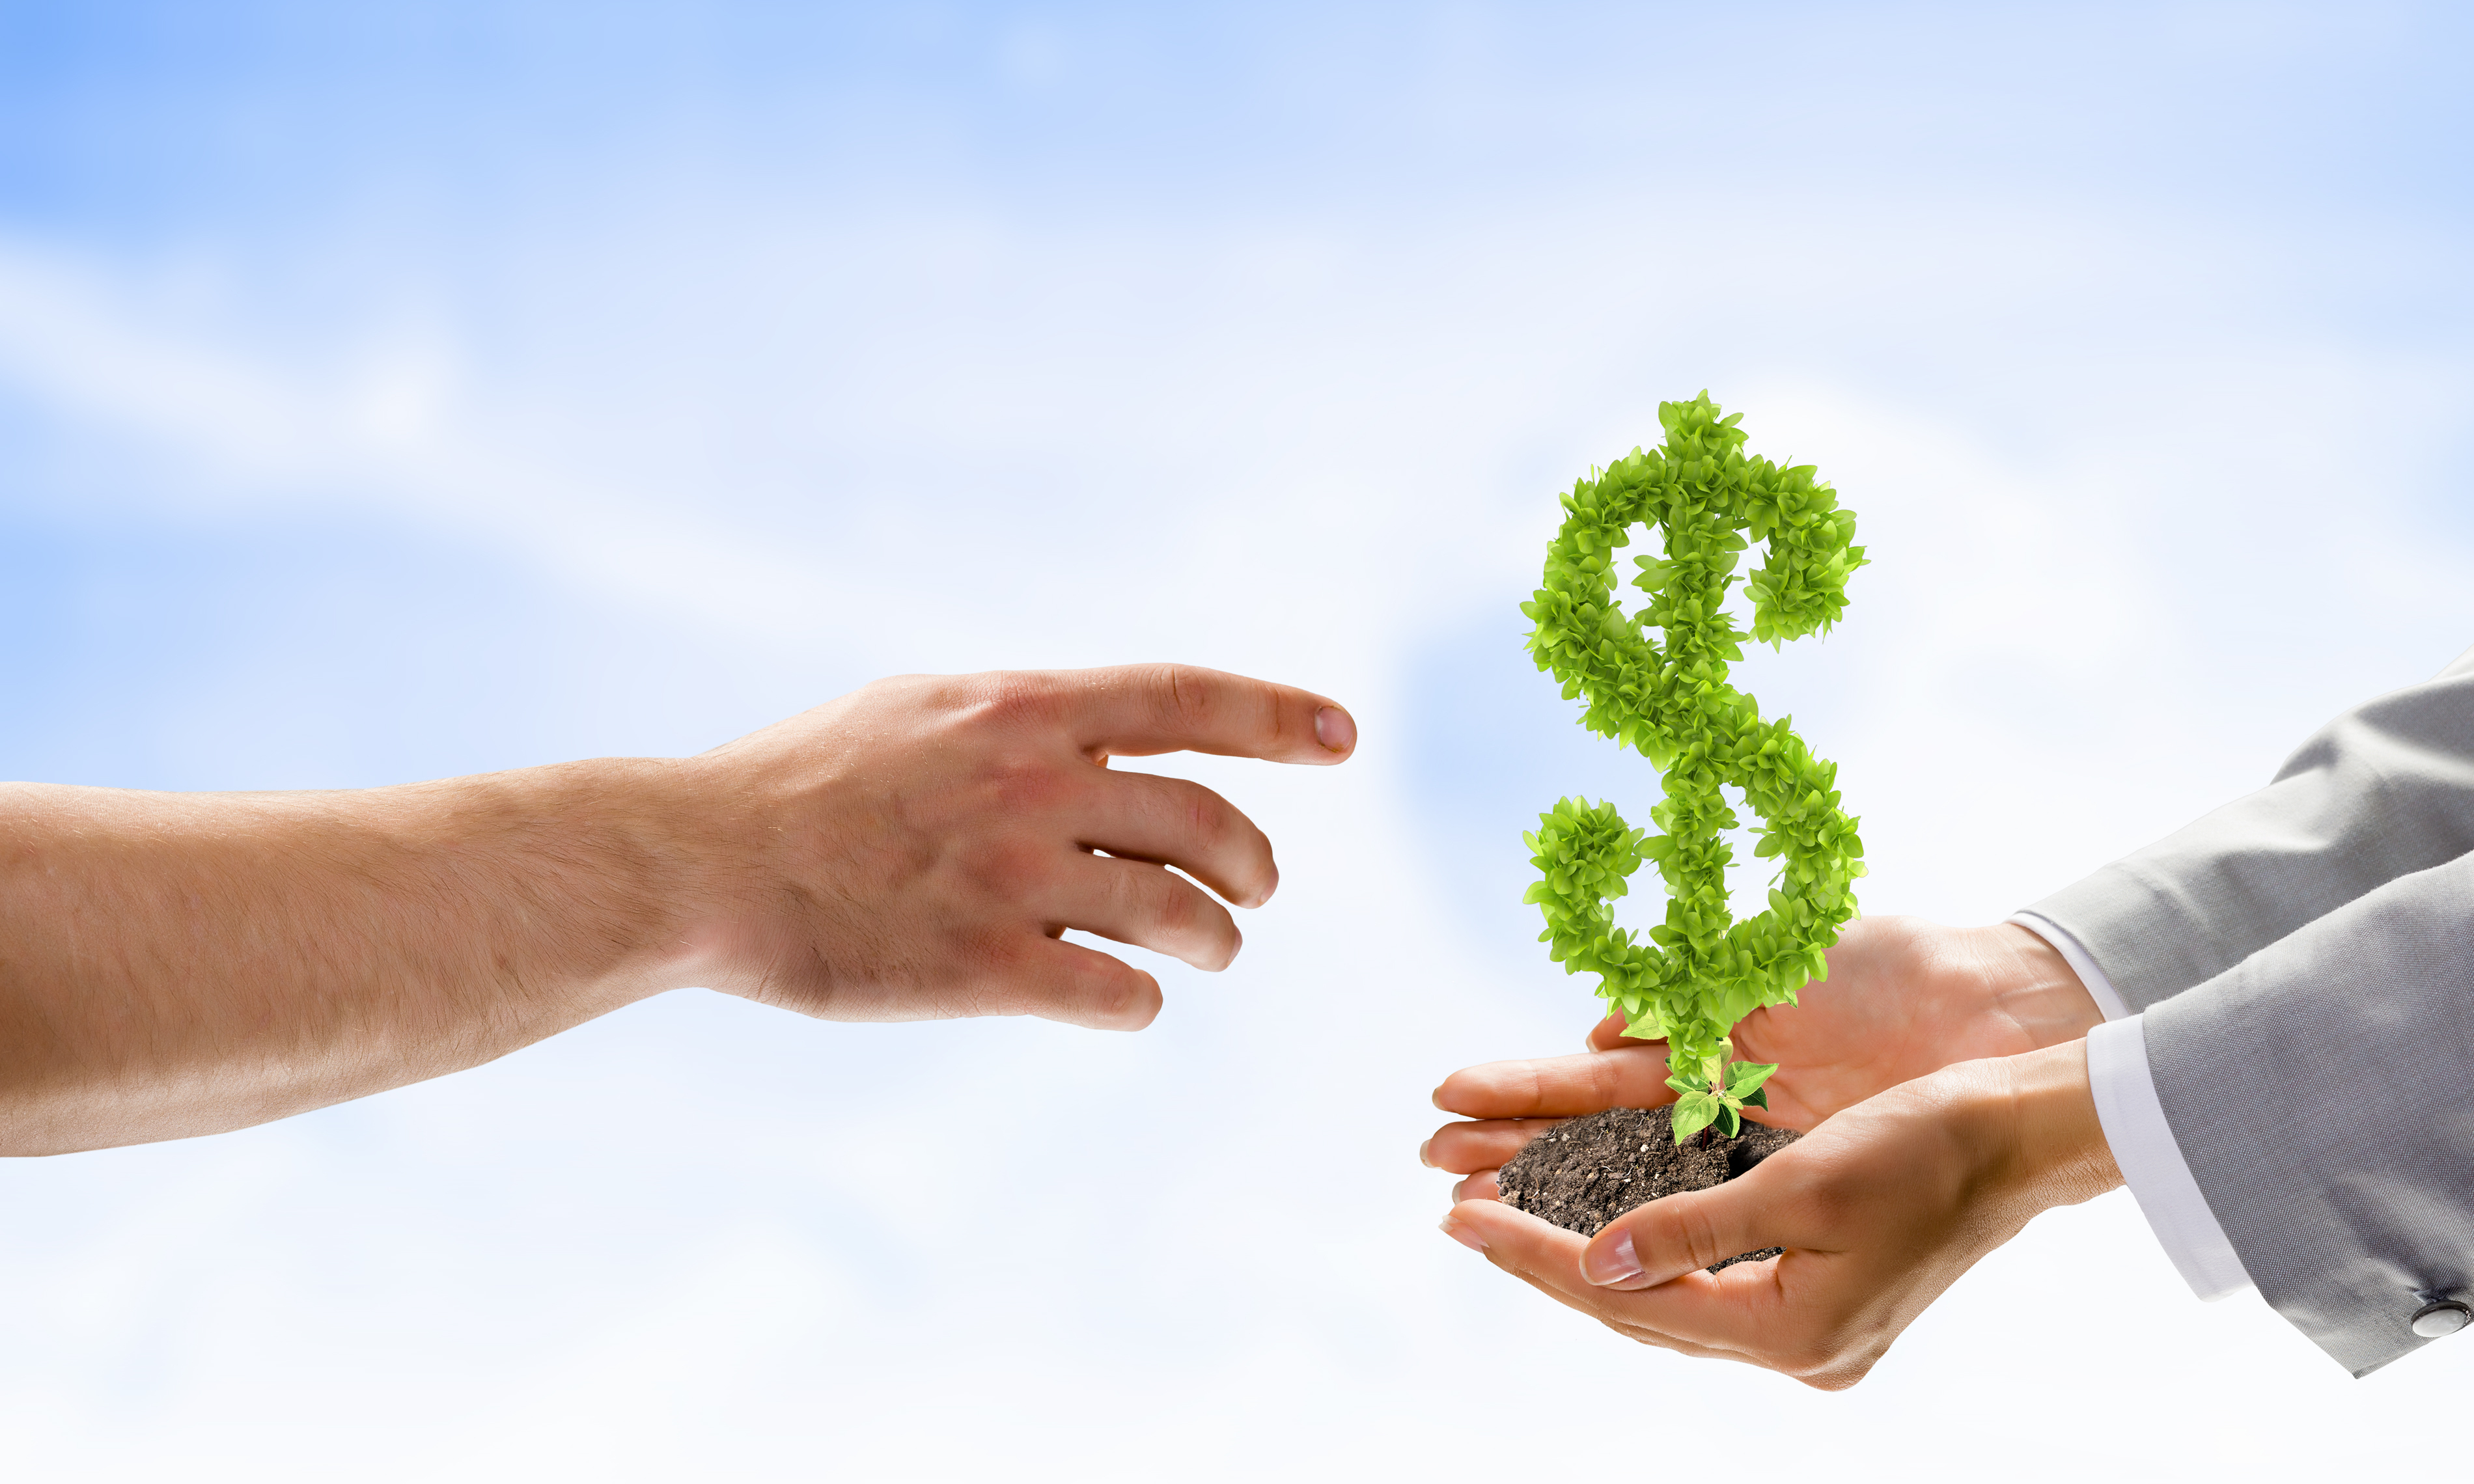 Лучшие идеи бизнеса, топ производственных направлений для малого бизнеса в 2013 году